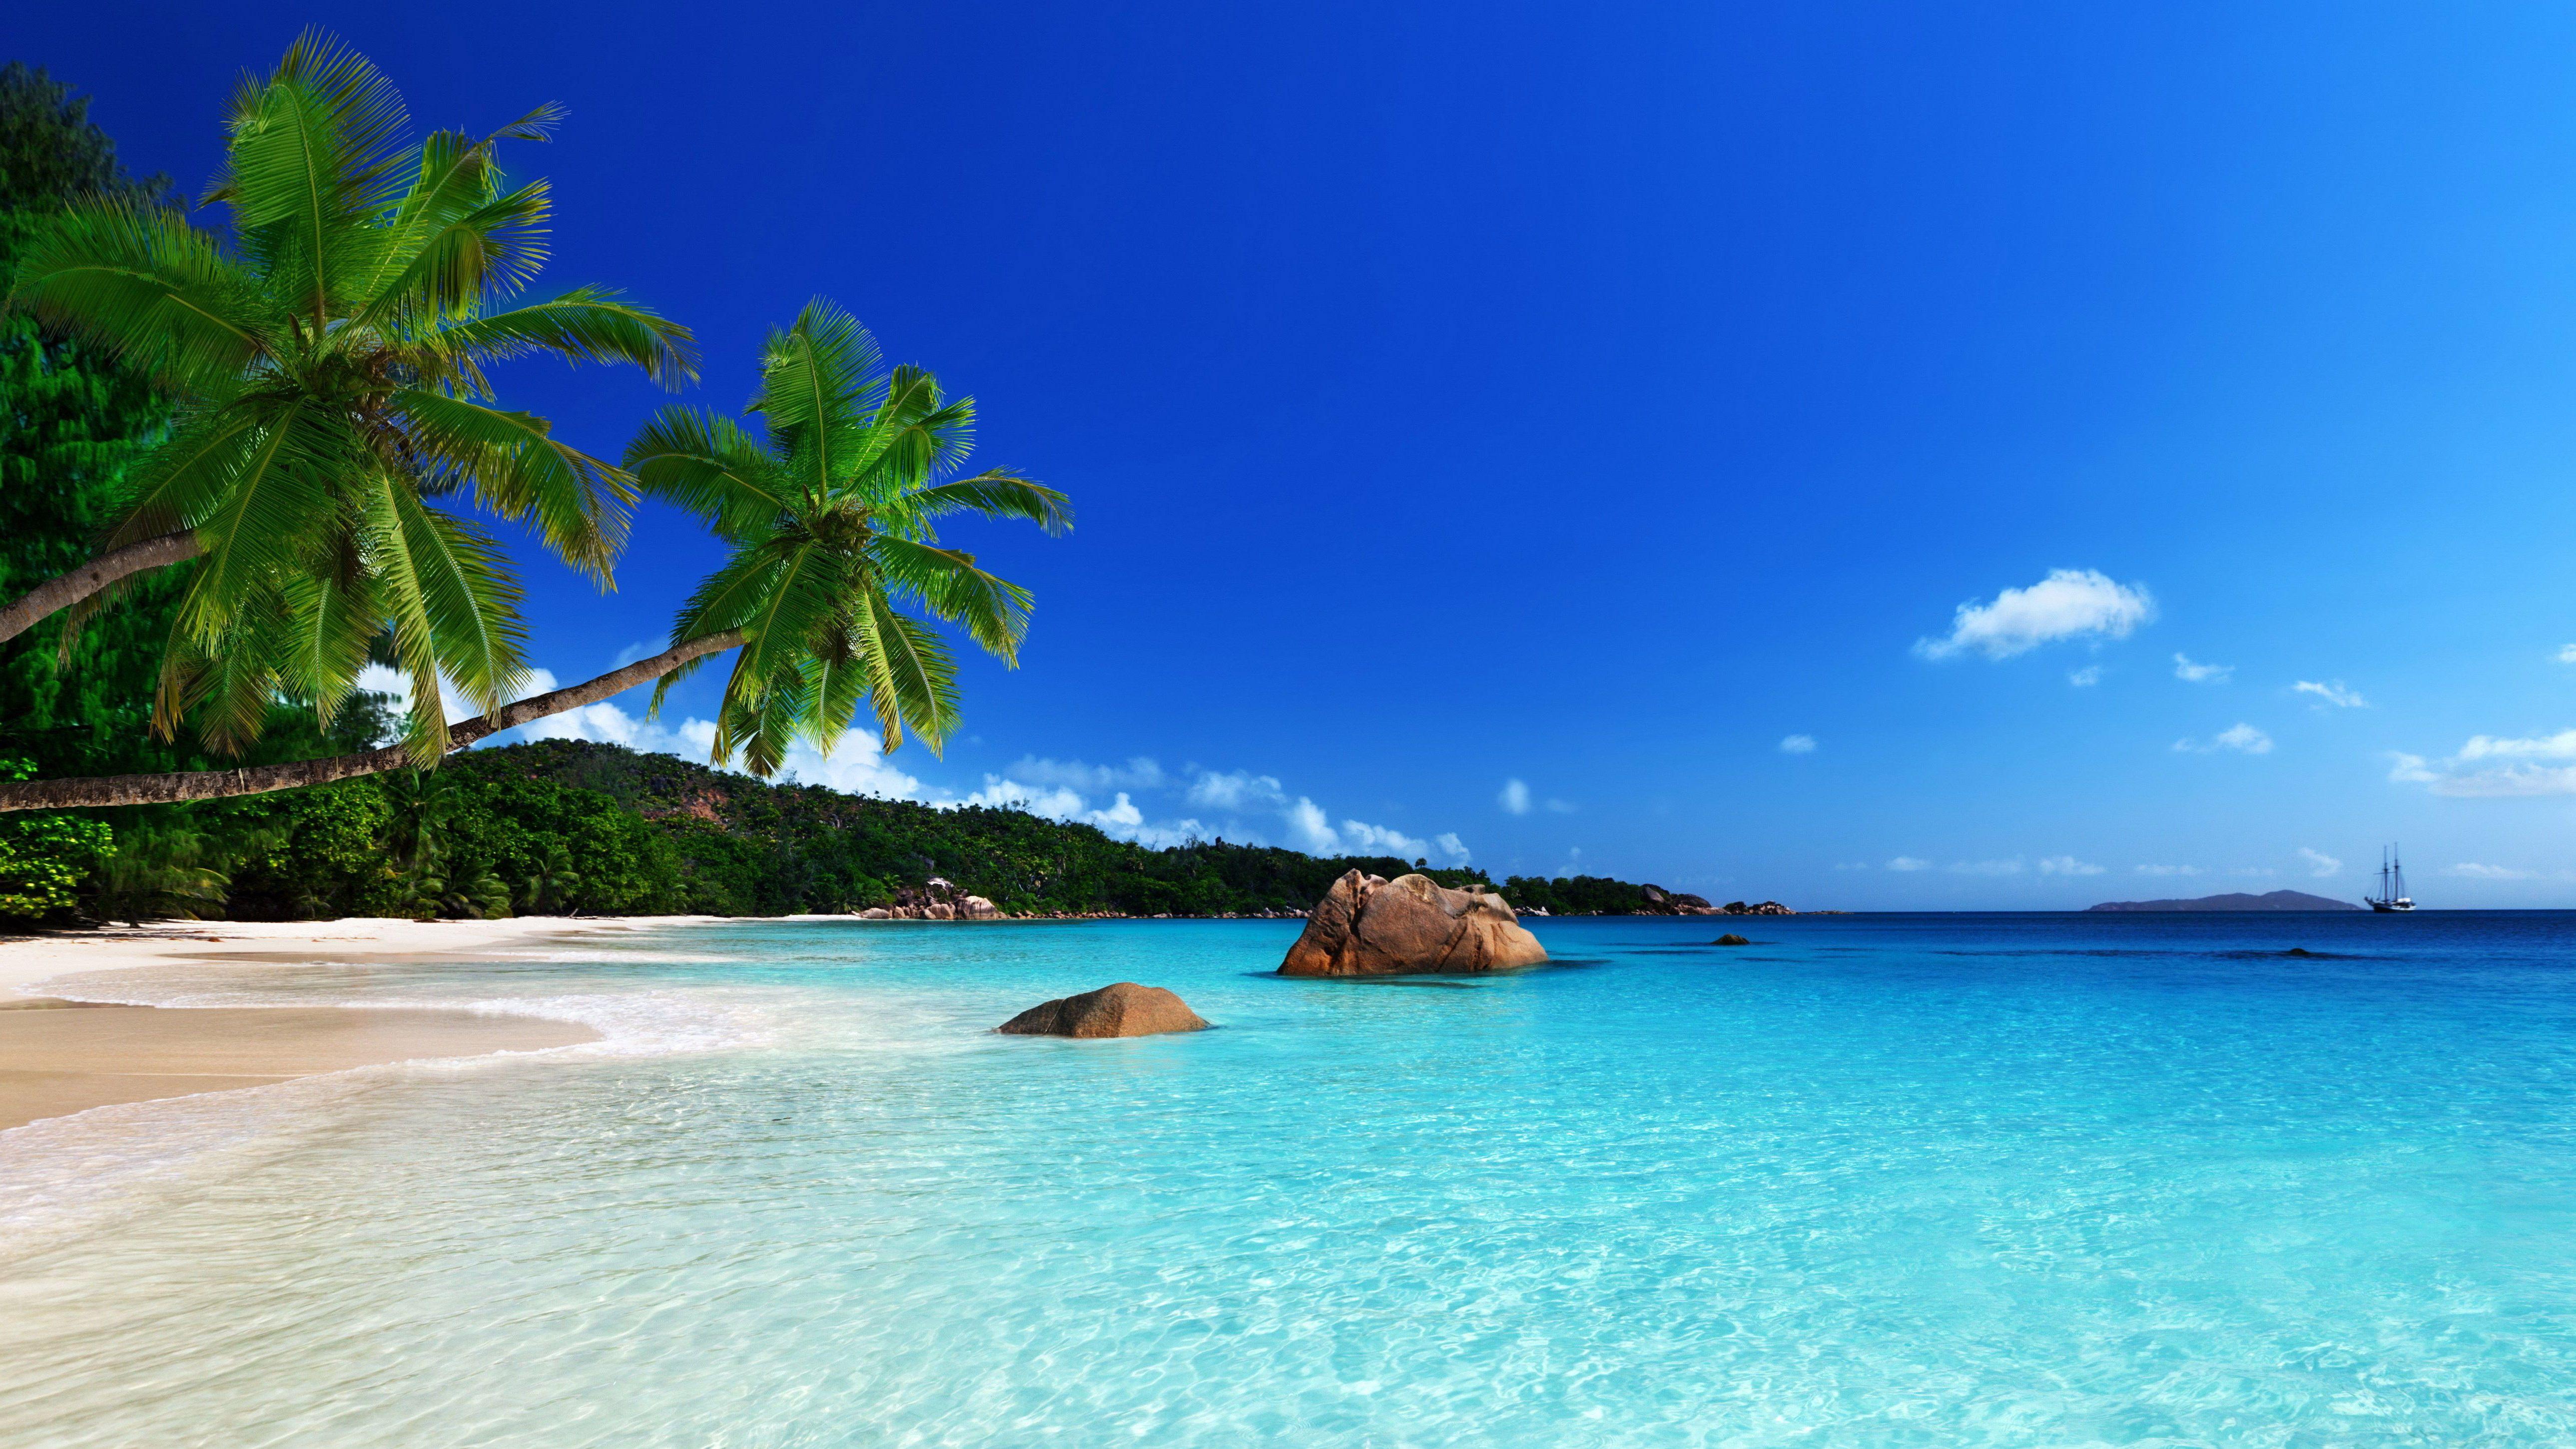 cocotiers magnifique paysage mer